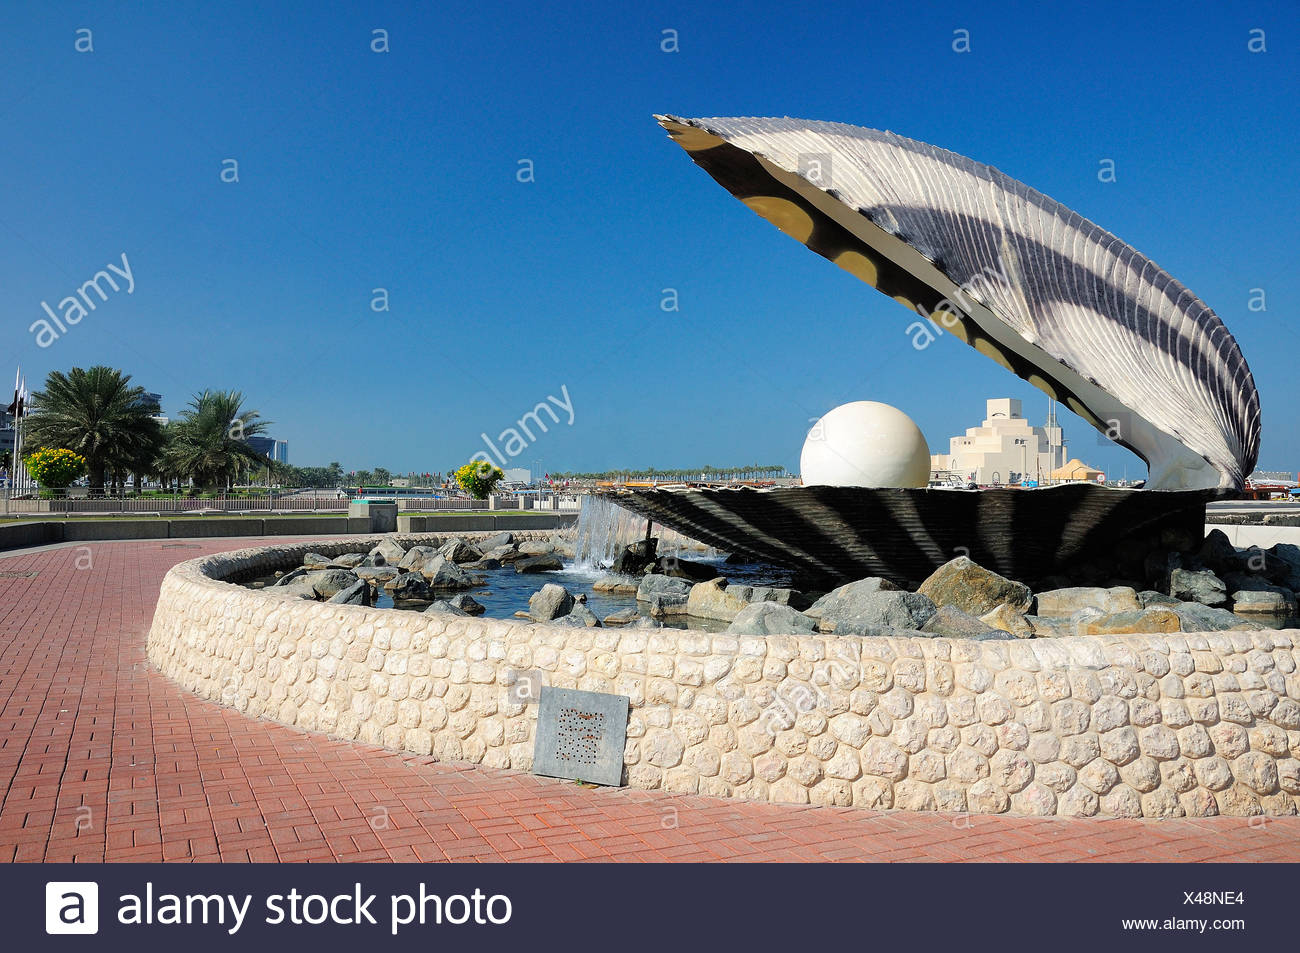 Perla e Fontana di ostriche, Corniche, Doha, Qatar, Medio Oriente Immagini Stock